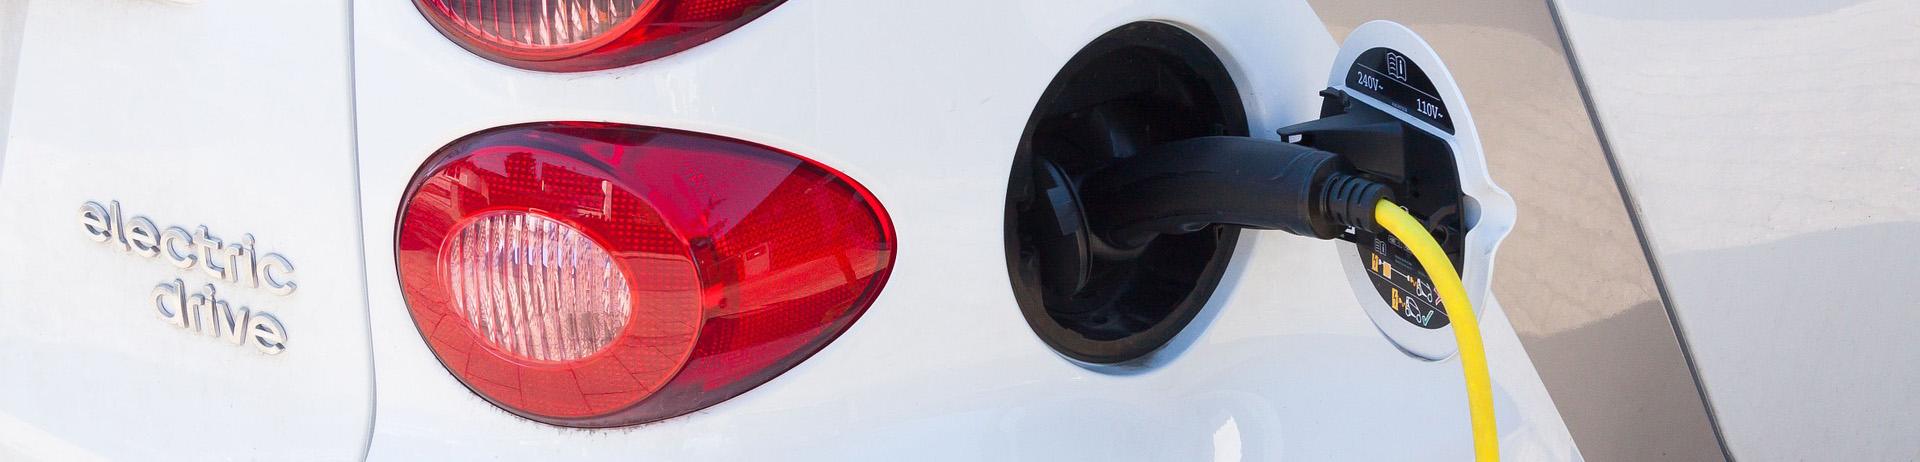 Gestor de cargas eléctricas para vehículos eléctricos en valencia